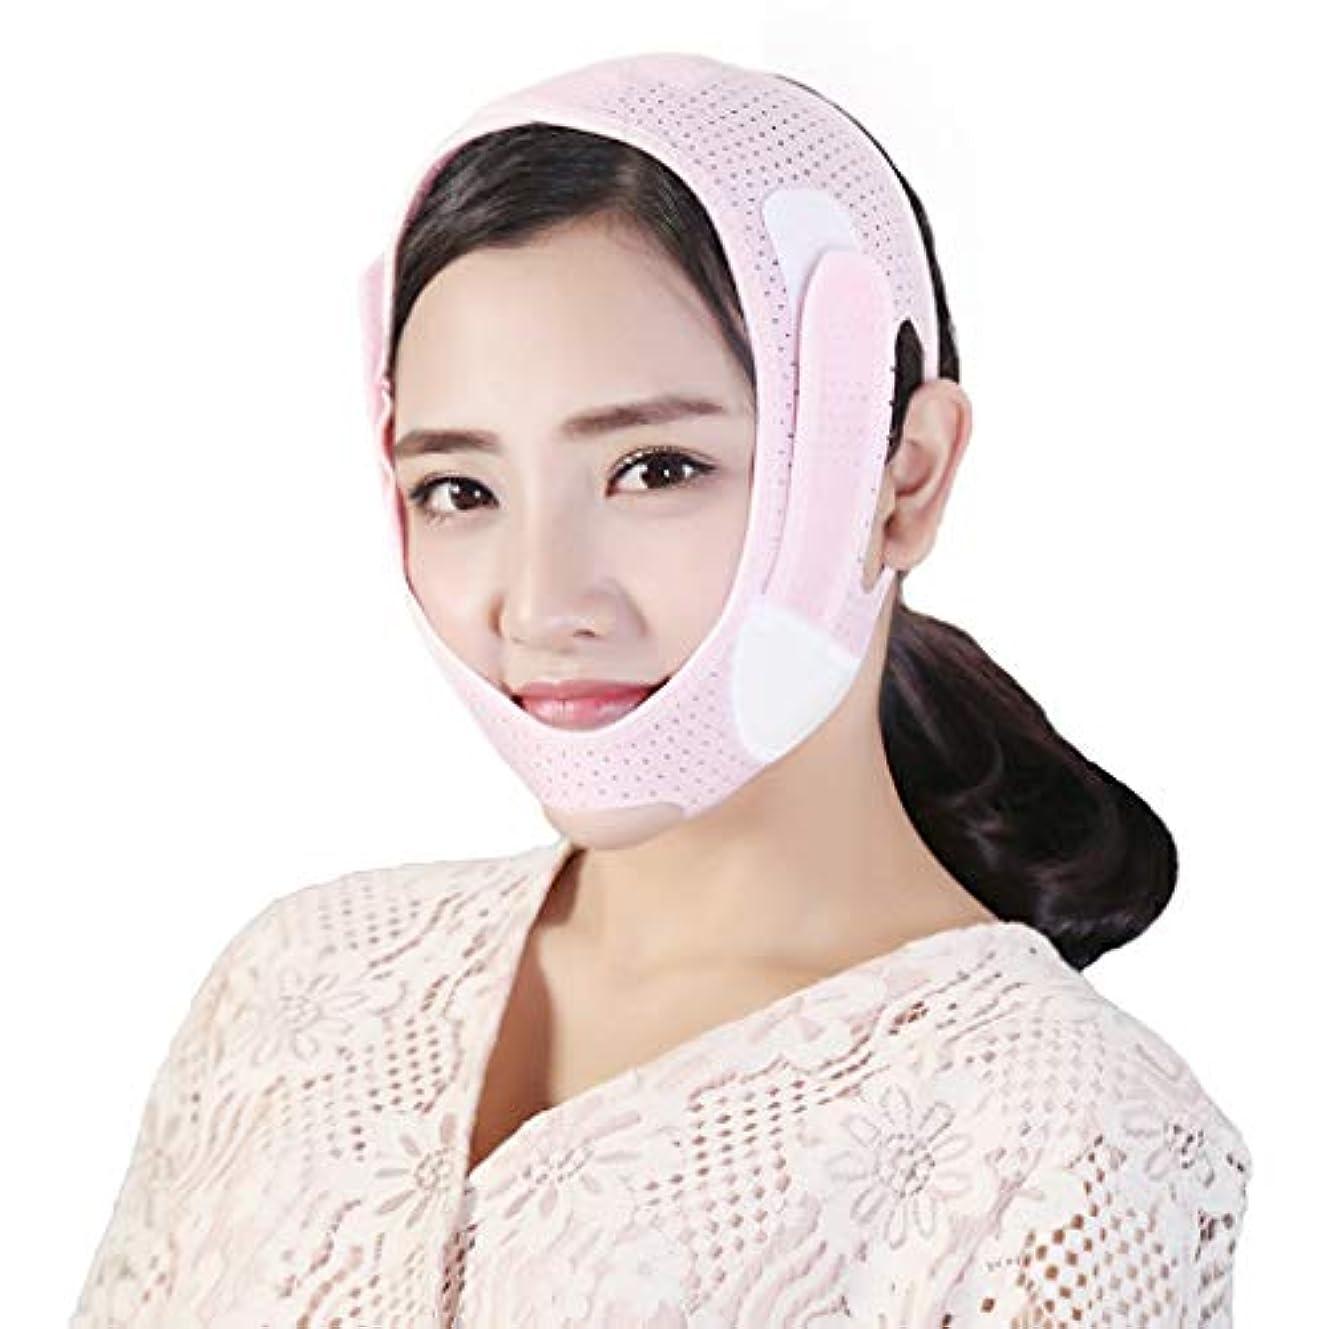 シェーバー省略南東減量マスク薄い顔のマスクV顔の薄い顔の咬筋ダブル顎の包帯睡眠マスクの通気性